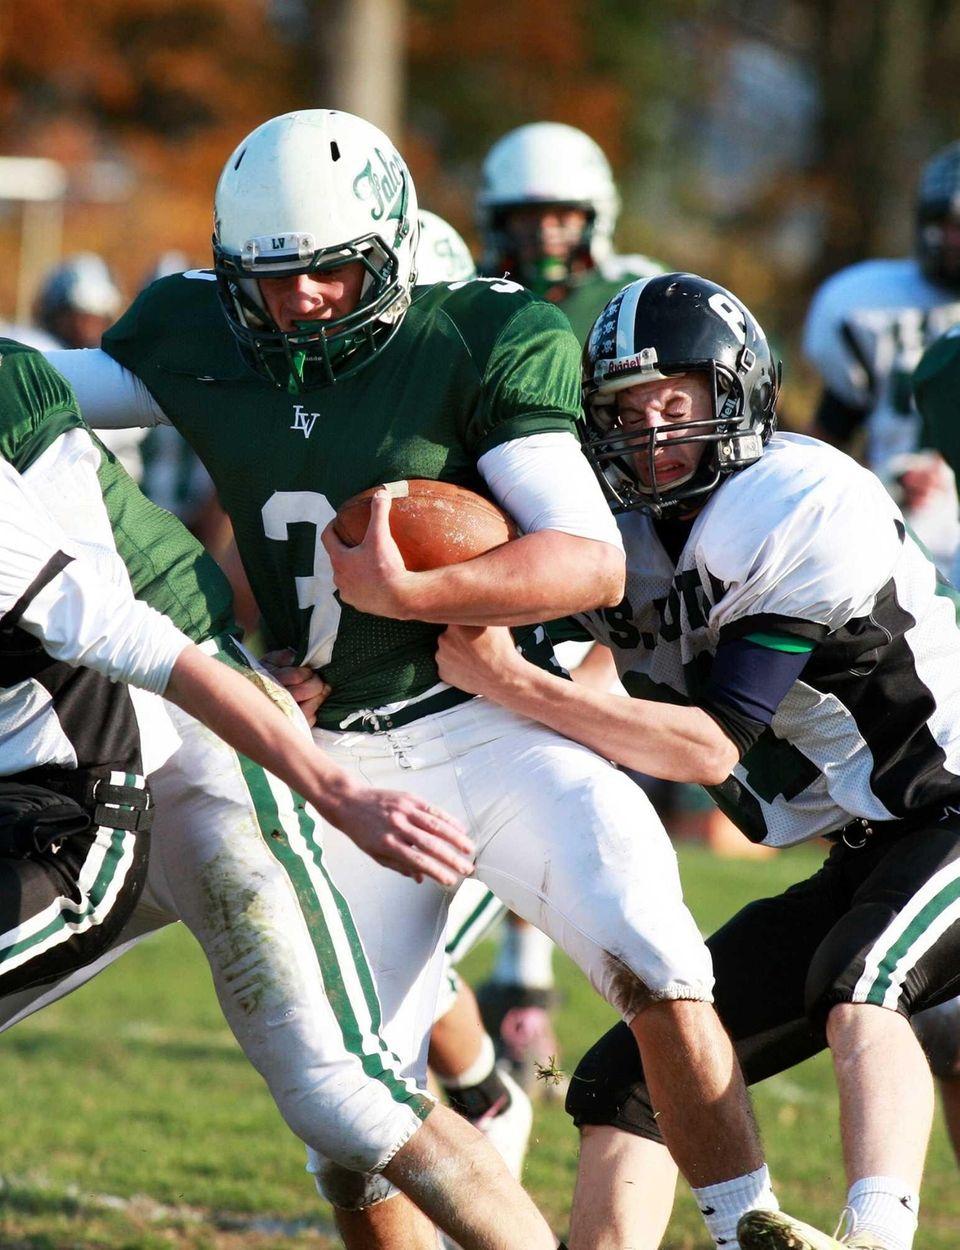 Locust Valley quarterback Jordan Formicola (no. 3) rushes